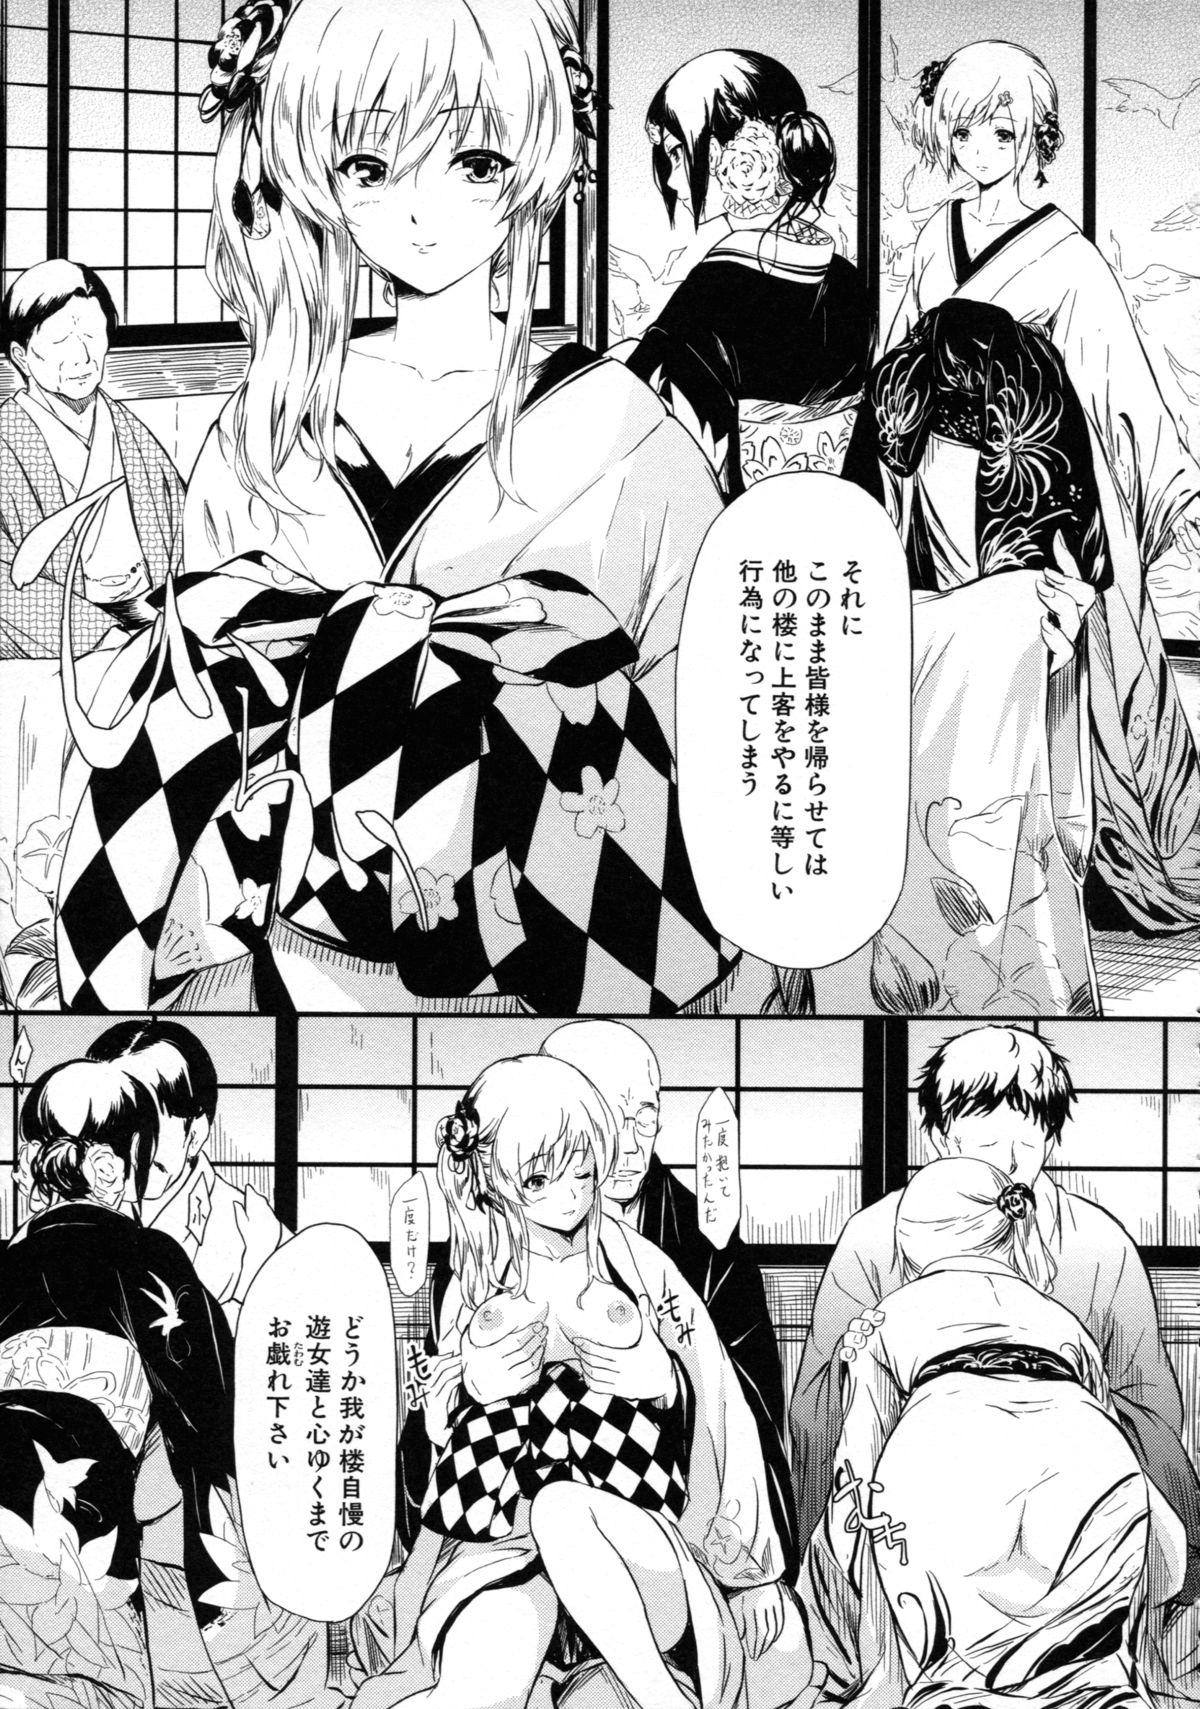 [Shiki Takuto] Tokoharu no Shoujo-tachi - The Girls in the Eternal Spring 69